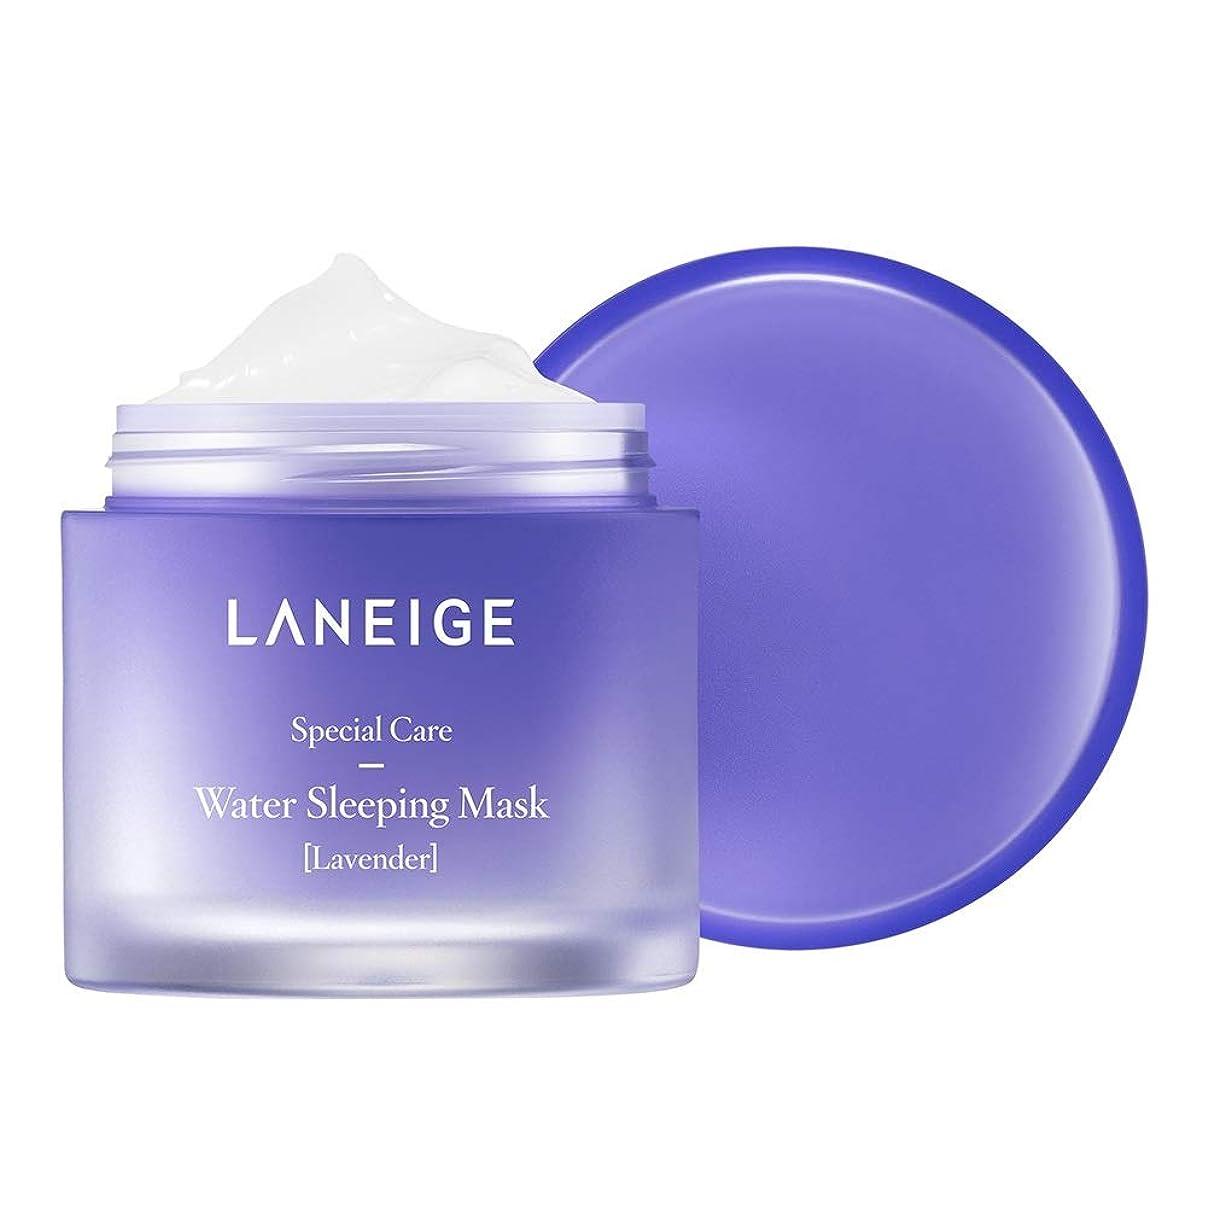 デッキ化学瞬時にLANEIGE ラネージュ ウォータースリーピング マスク ラベンダー2017 New リフィルミーバージョン 70ml Water Sleeping Mask 2017 Lavender [海外直送品]